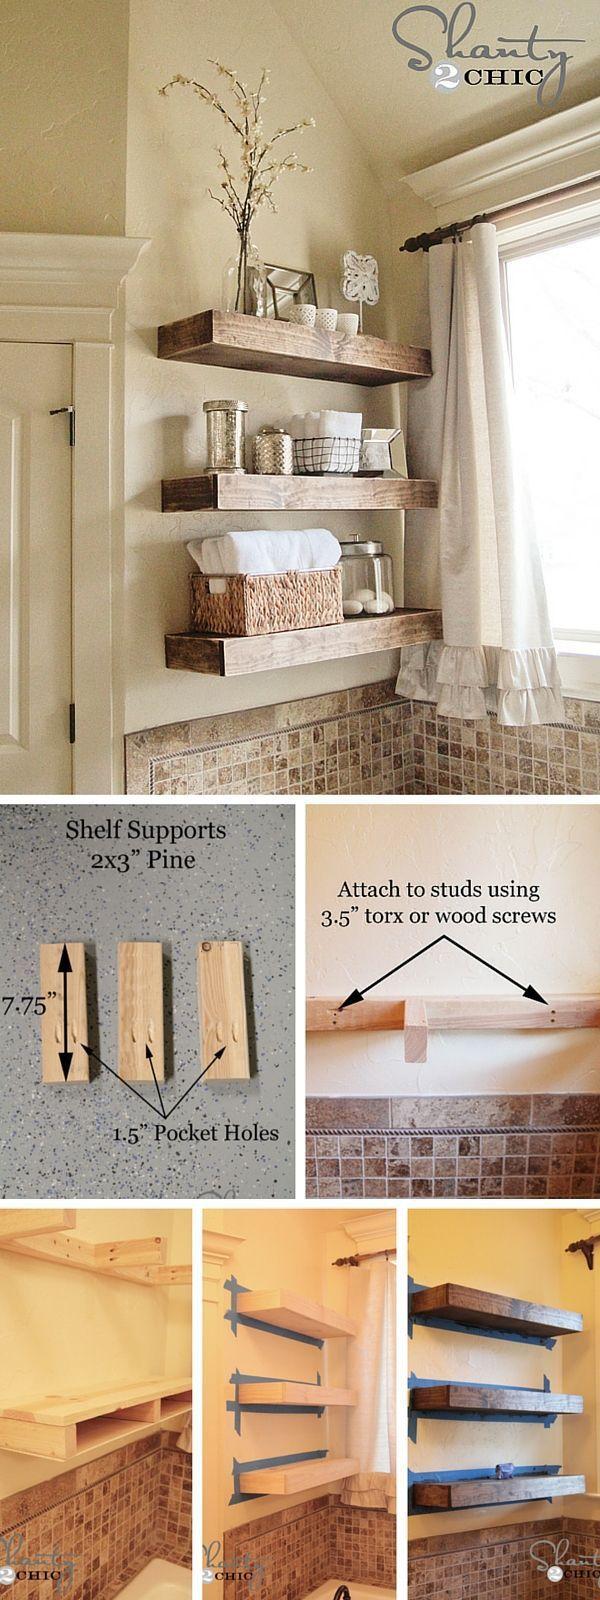 Idée décoration Salle de bain Check out the tutorial: DIY Rustic Bathroom Shelves